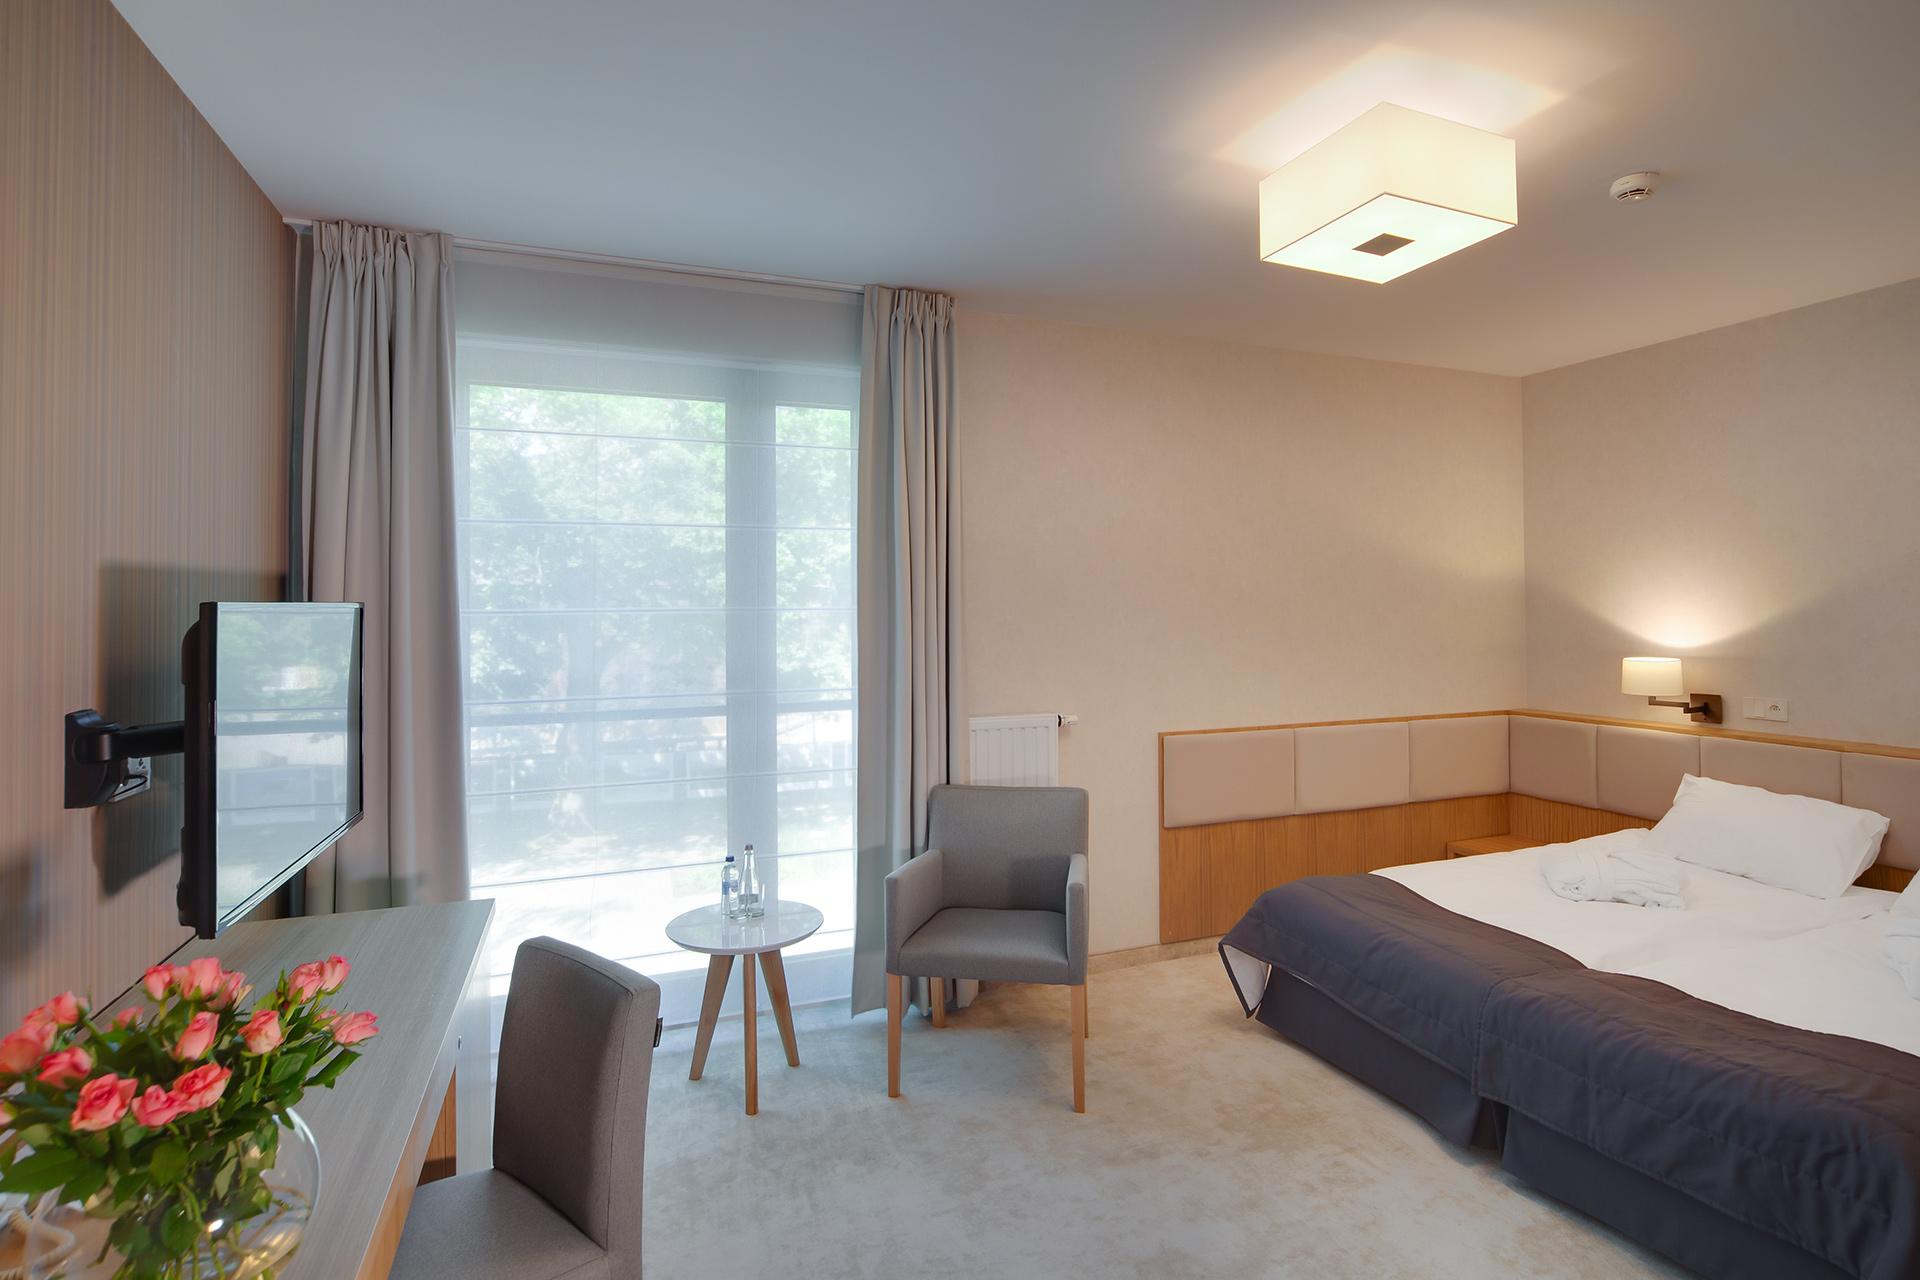 zimmer_hotel